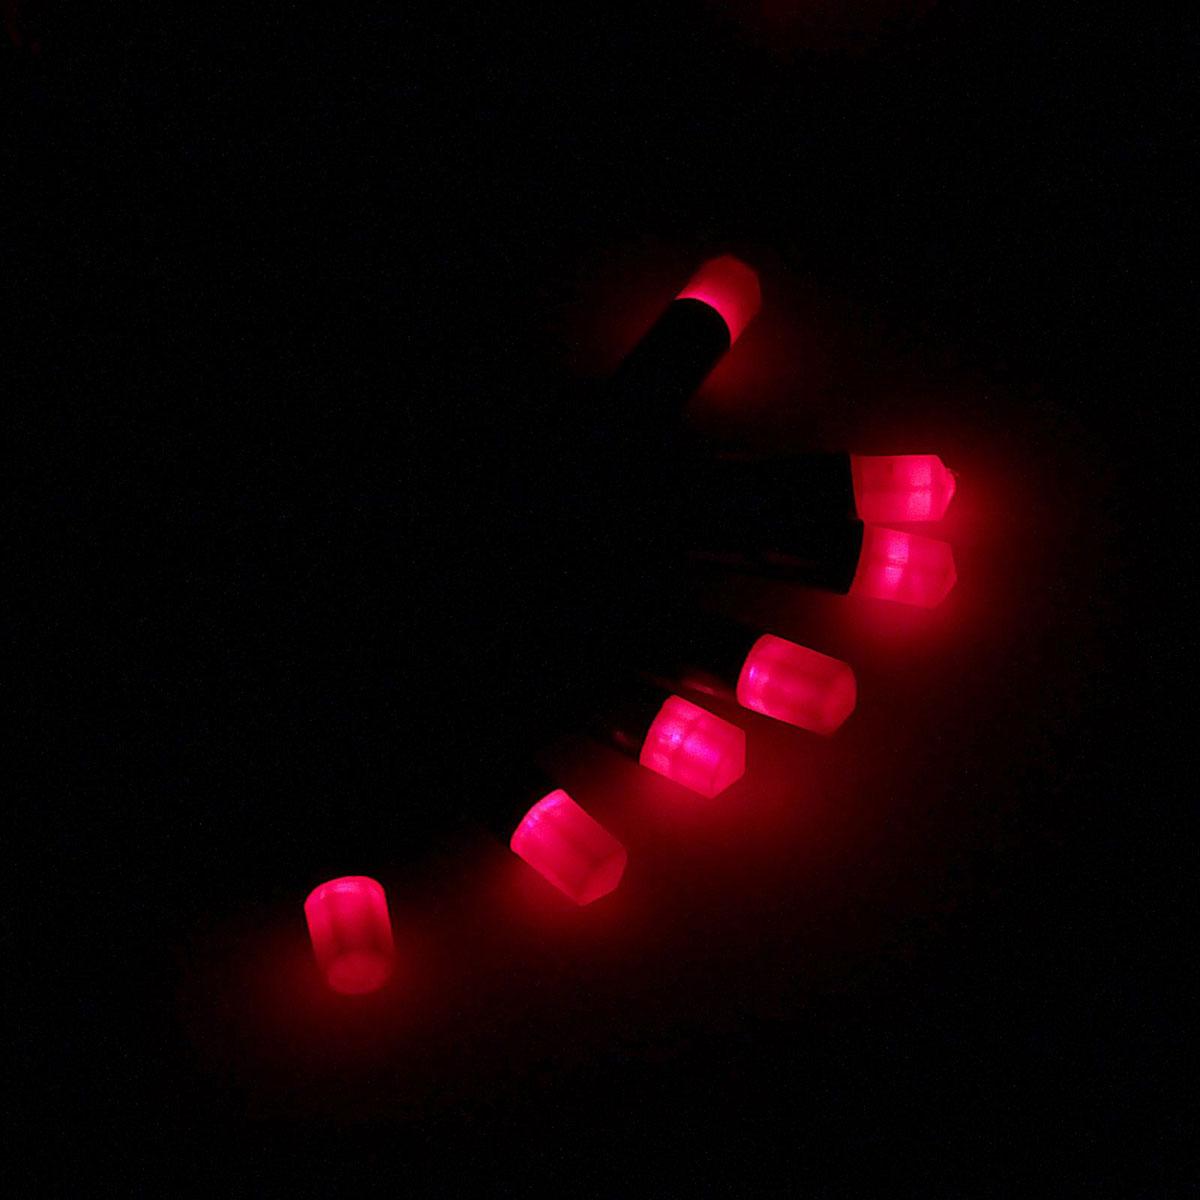 Гирлянда светодиодная Luazon Метраж. Кристаллы, уличная с насадкой, 8 режимов, 40 ламп, 220 V, 5 м, цвет: красный. 185521185521Светодиодные гирлянды, ленты и т.д. — это отличный вариант для новогоднего оформления интерьера или фасада. С их помощью помещение любого размера можно превратить в праздничный зал, а внешние элементы зданий, украшенные ими, мгновенно станут напоминать очертания сказочного дворца. Такие украшения создают ауру предвкушения чуда. Деревья, фасады, витрины, окна и арки будто специально созданы, чтобы вы украсили их светящимися нитями.